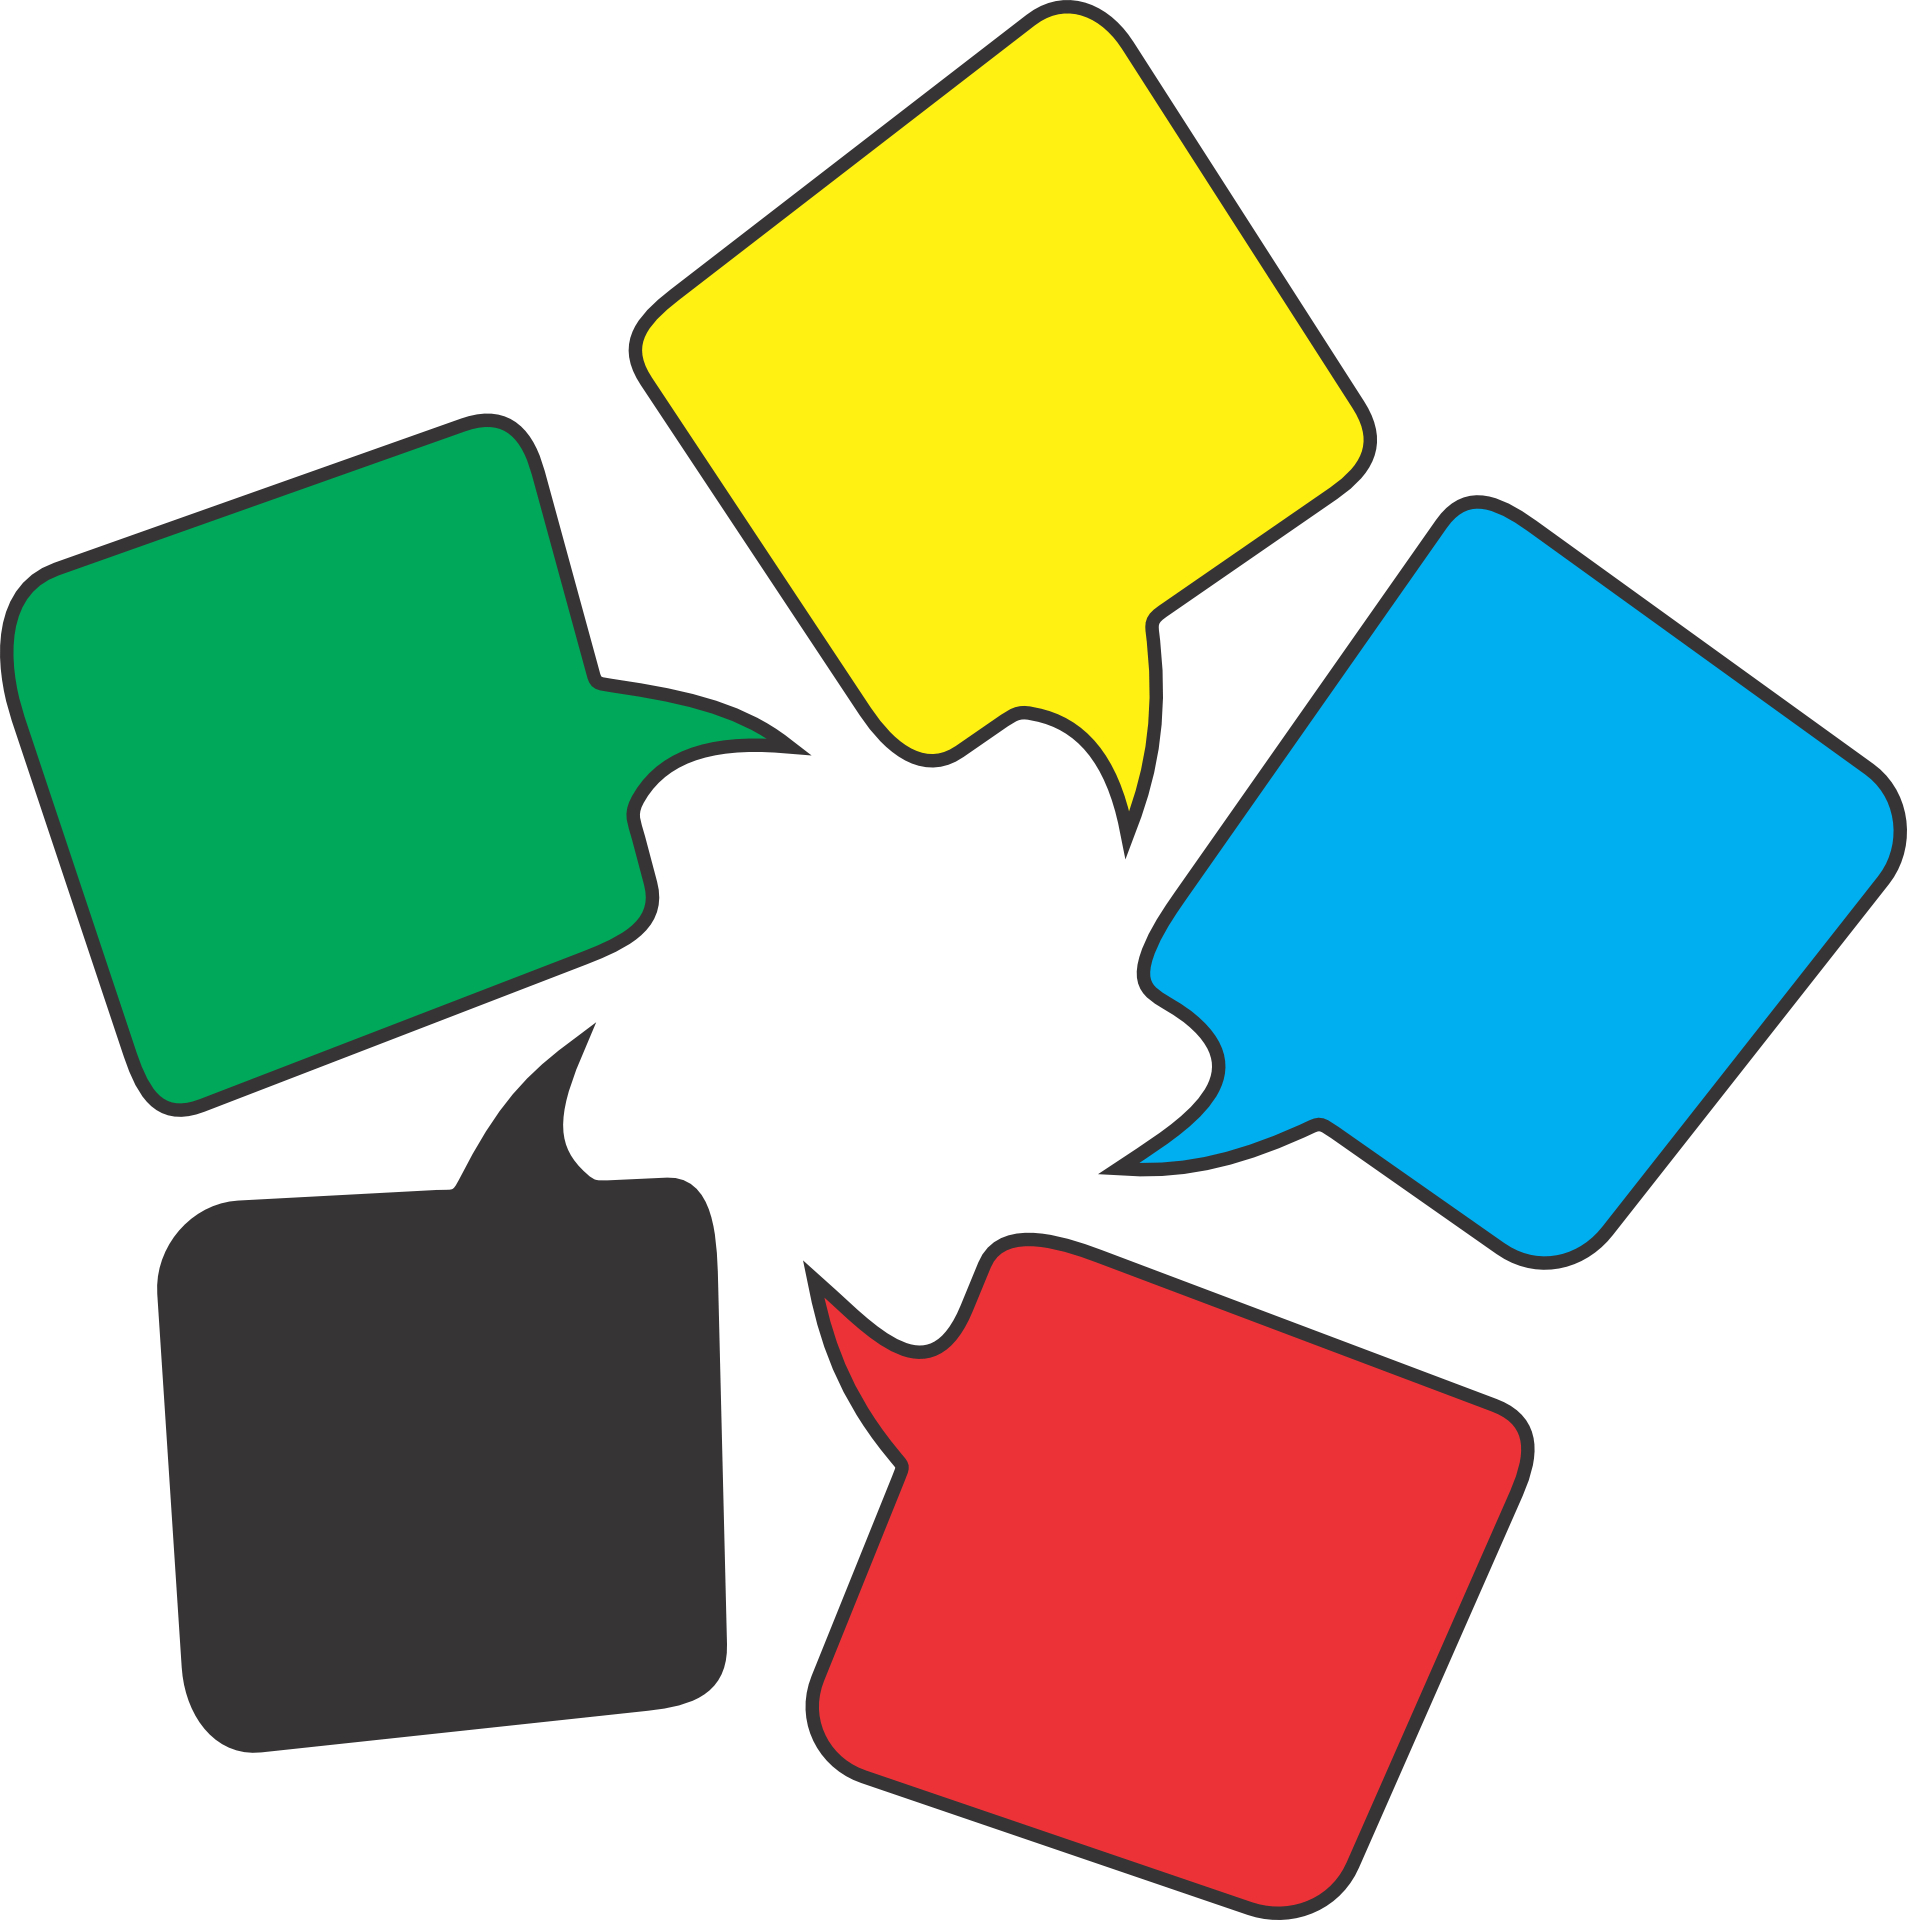 Sprechblasen in Grün, Gelb, Blau, Rot, Schwarz als Symbol für mehrere verfügbare Fremdsprachen